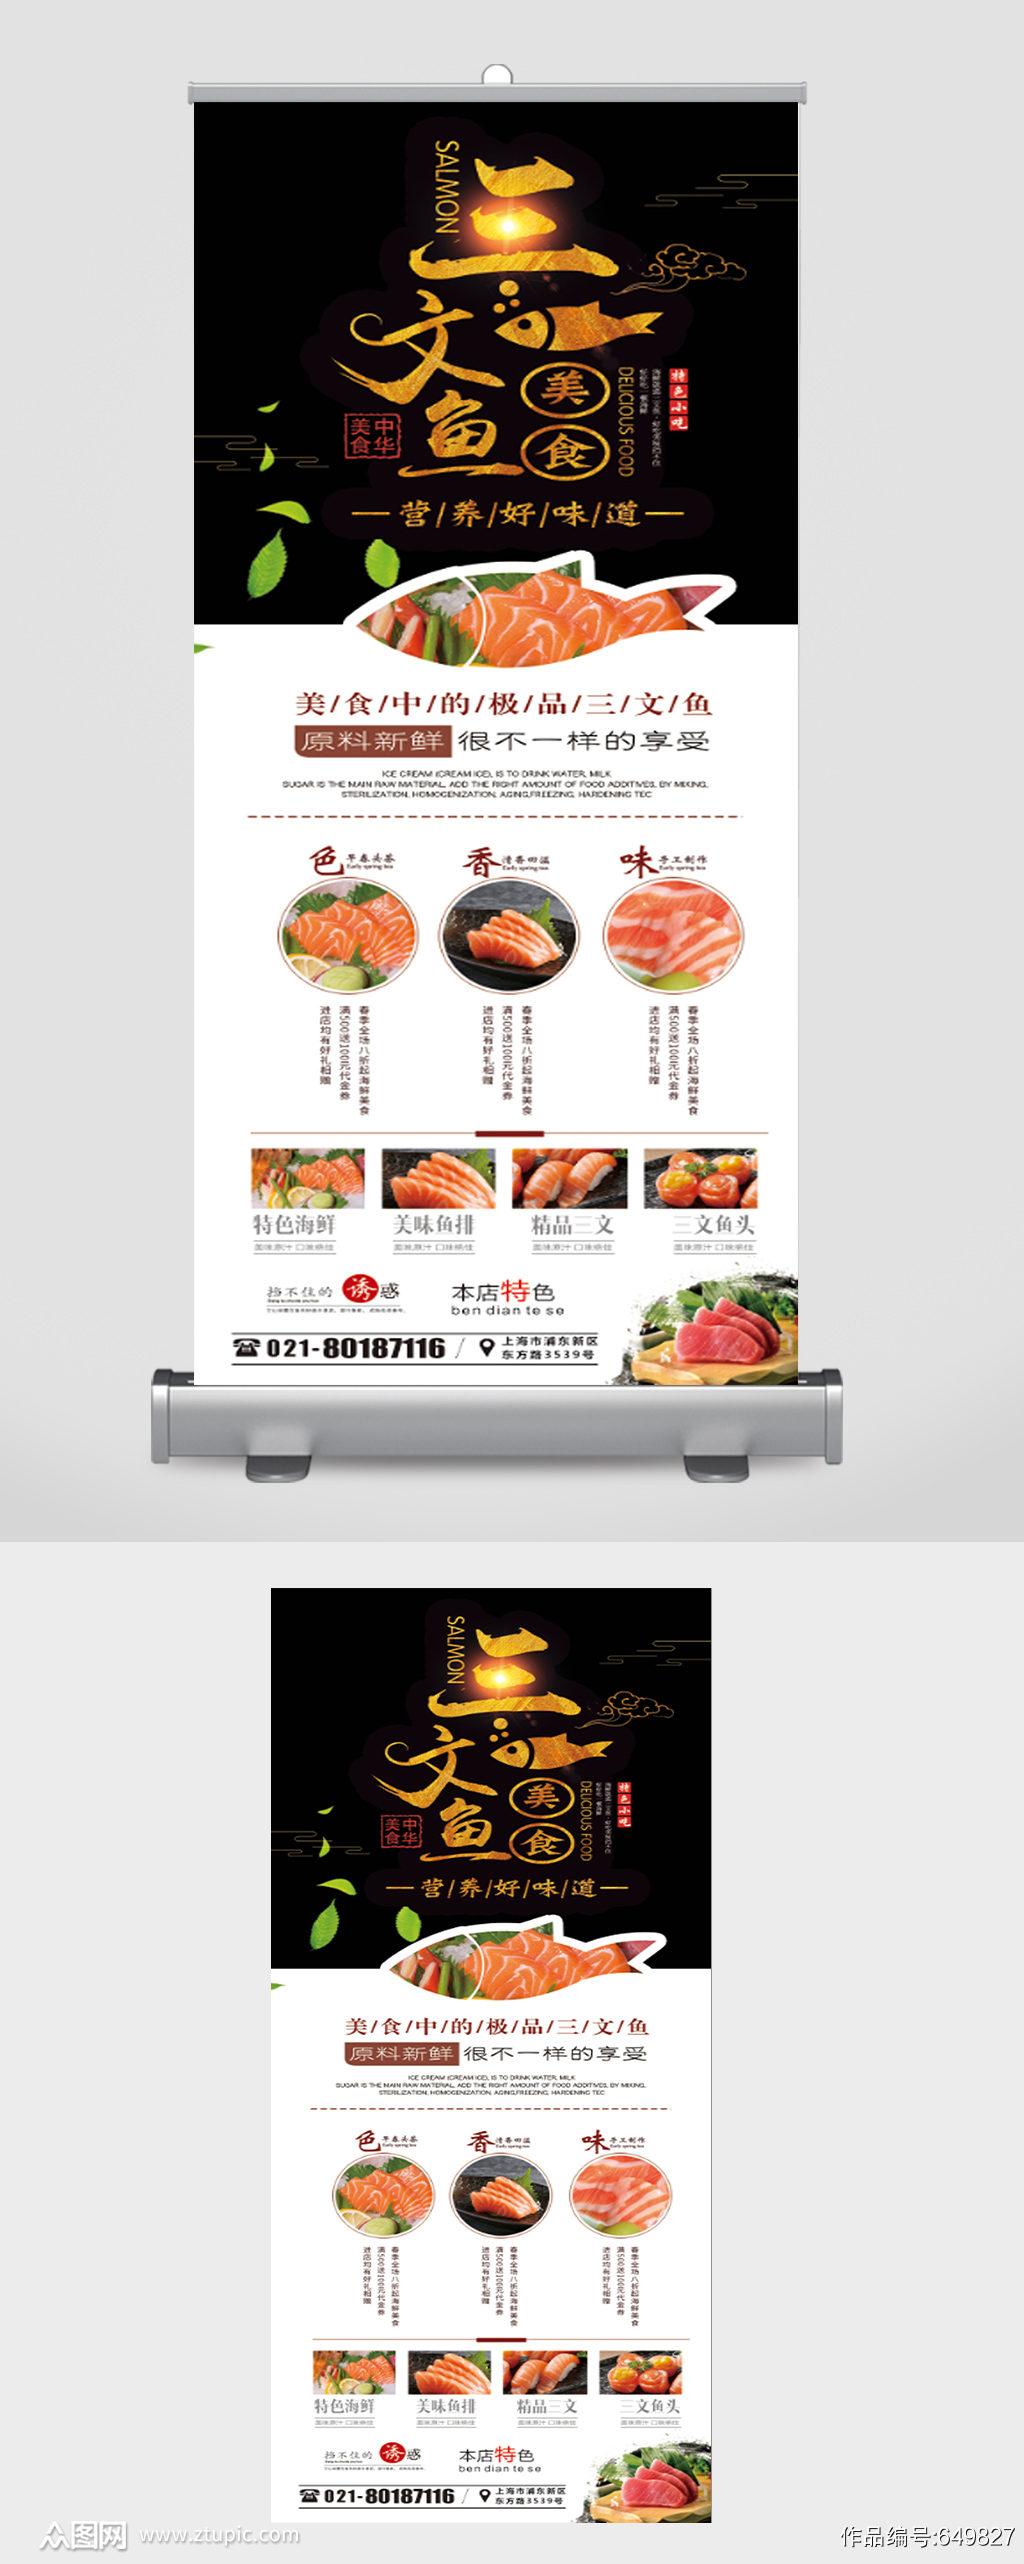 三文鱼美食宣传展架素材